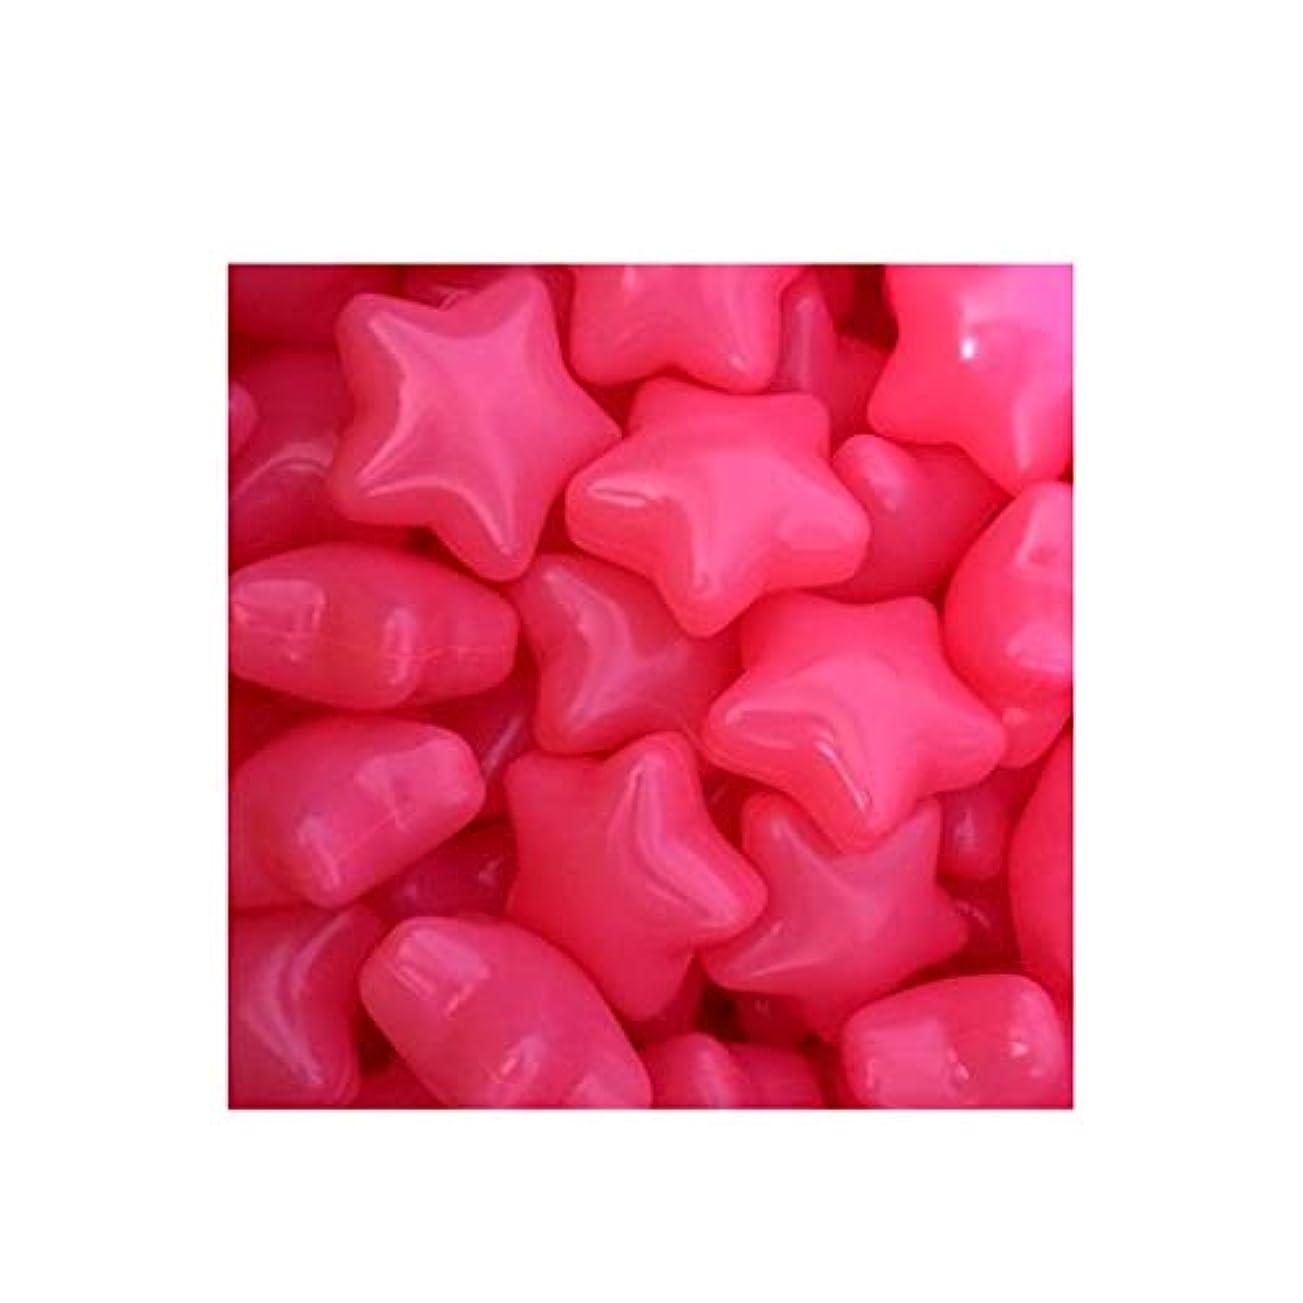 余分な光ビン五芒星オーシャンボールの100pcsクリエイティブキッズピットボール肥厚弾性ボールカラフルポップウェーブボール赤ちゃんゲームボールデコレーションプラスチックおもちゃボール (Color : Red)